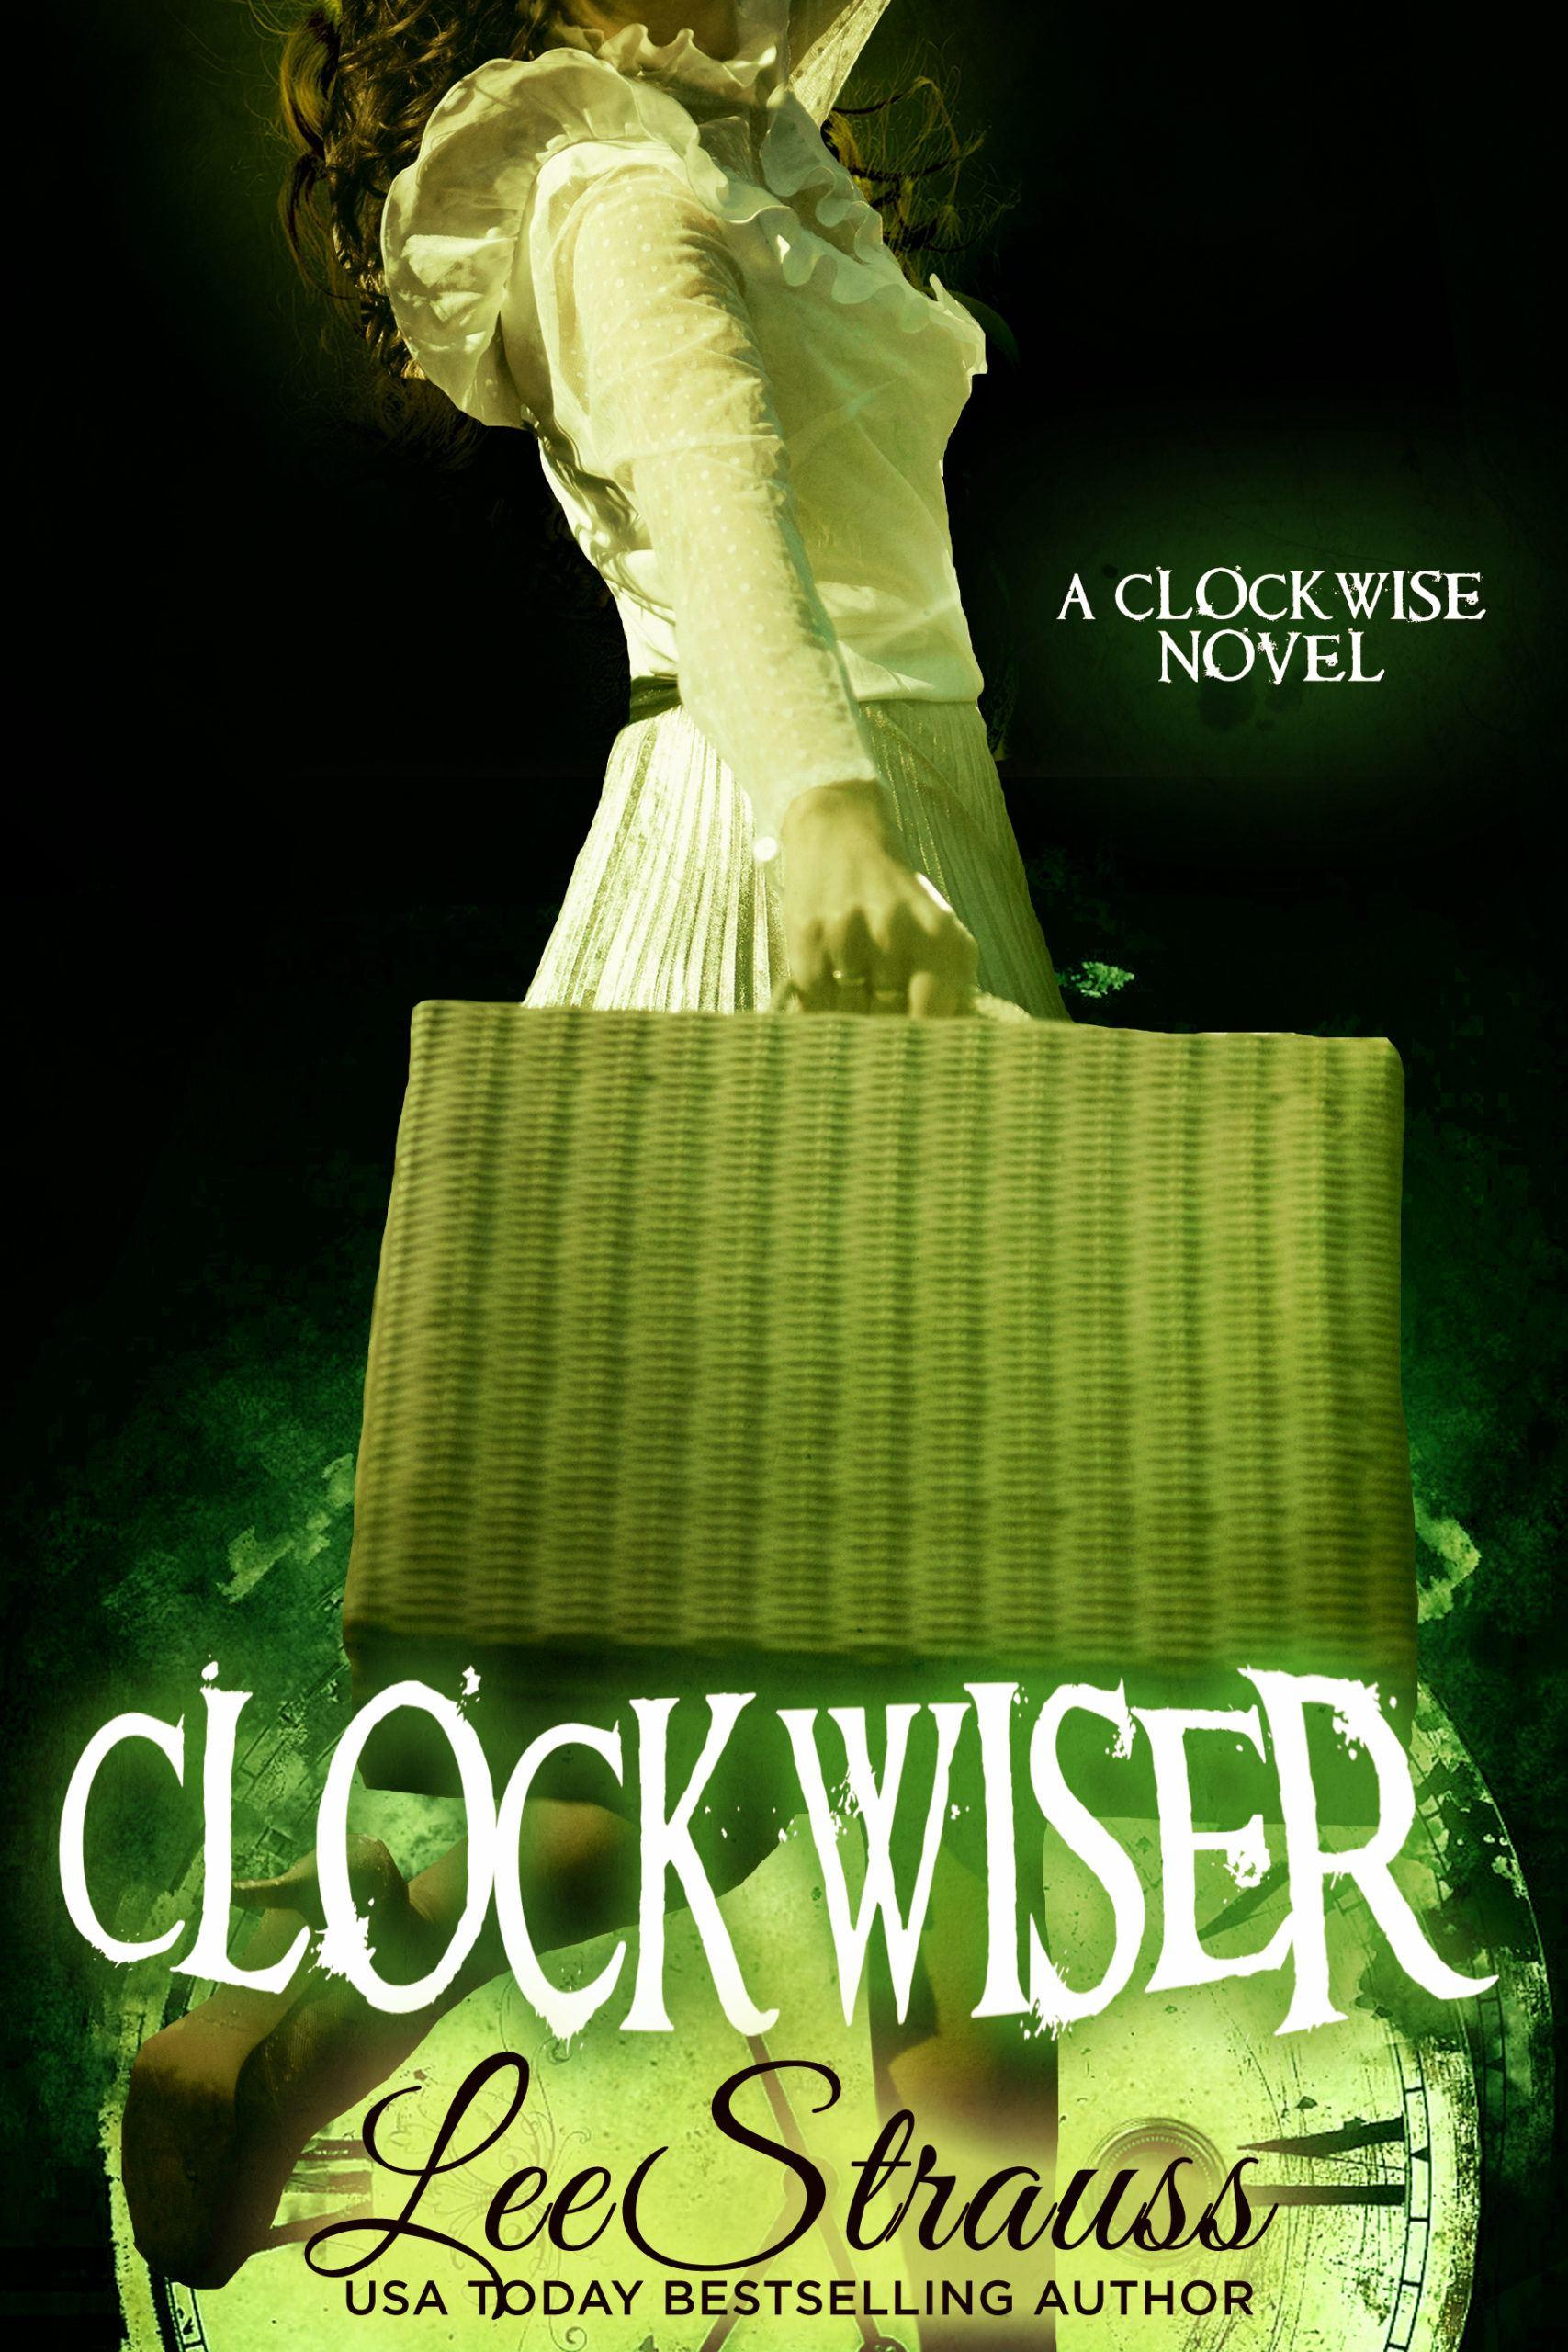 Clockwiser_Revised_Lee-USA-CVR